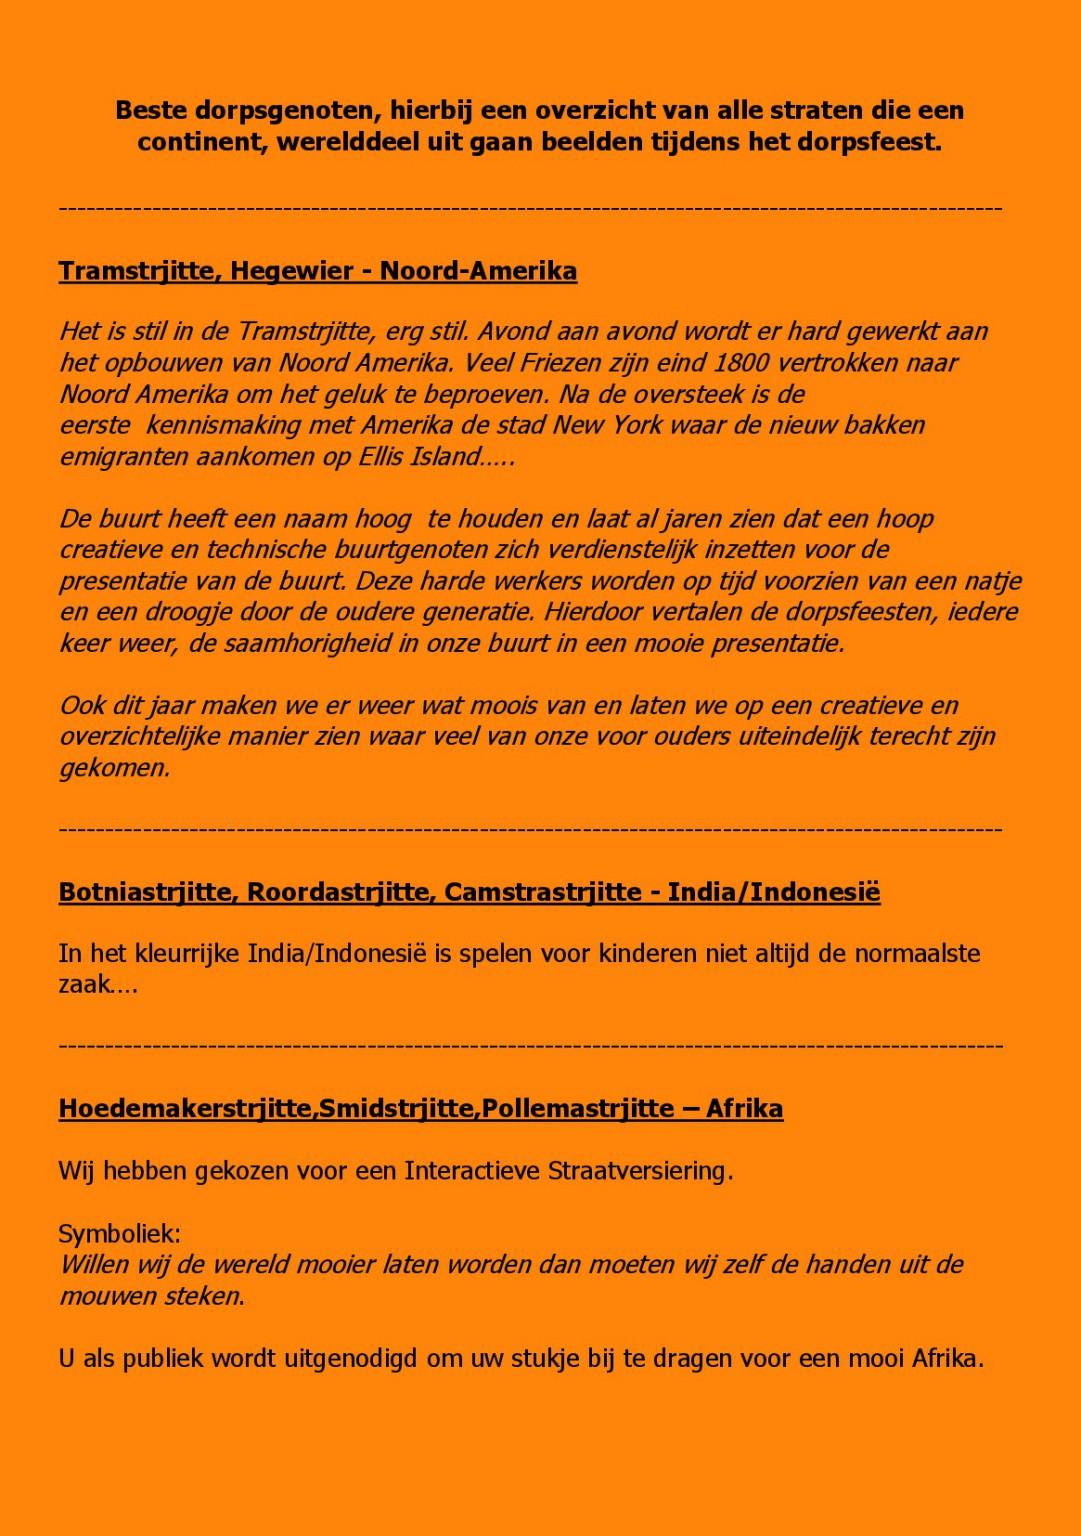 http://www.oranjenijland.nl/wp_oranjenijland/wp-content/uploads/2014/08/5400da02f07b3-0-1081x1536.jpg